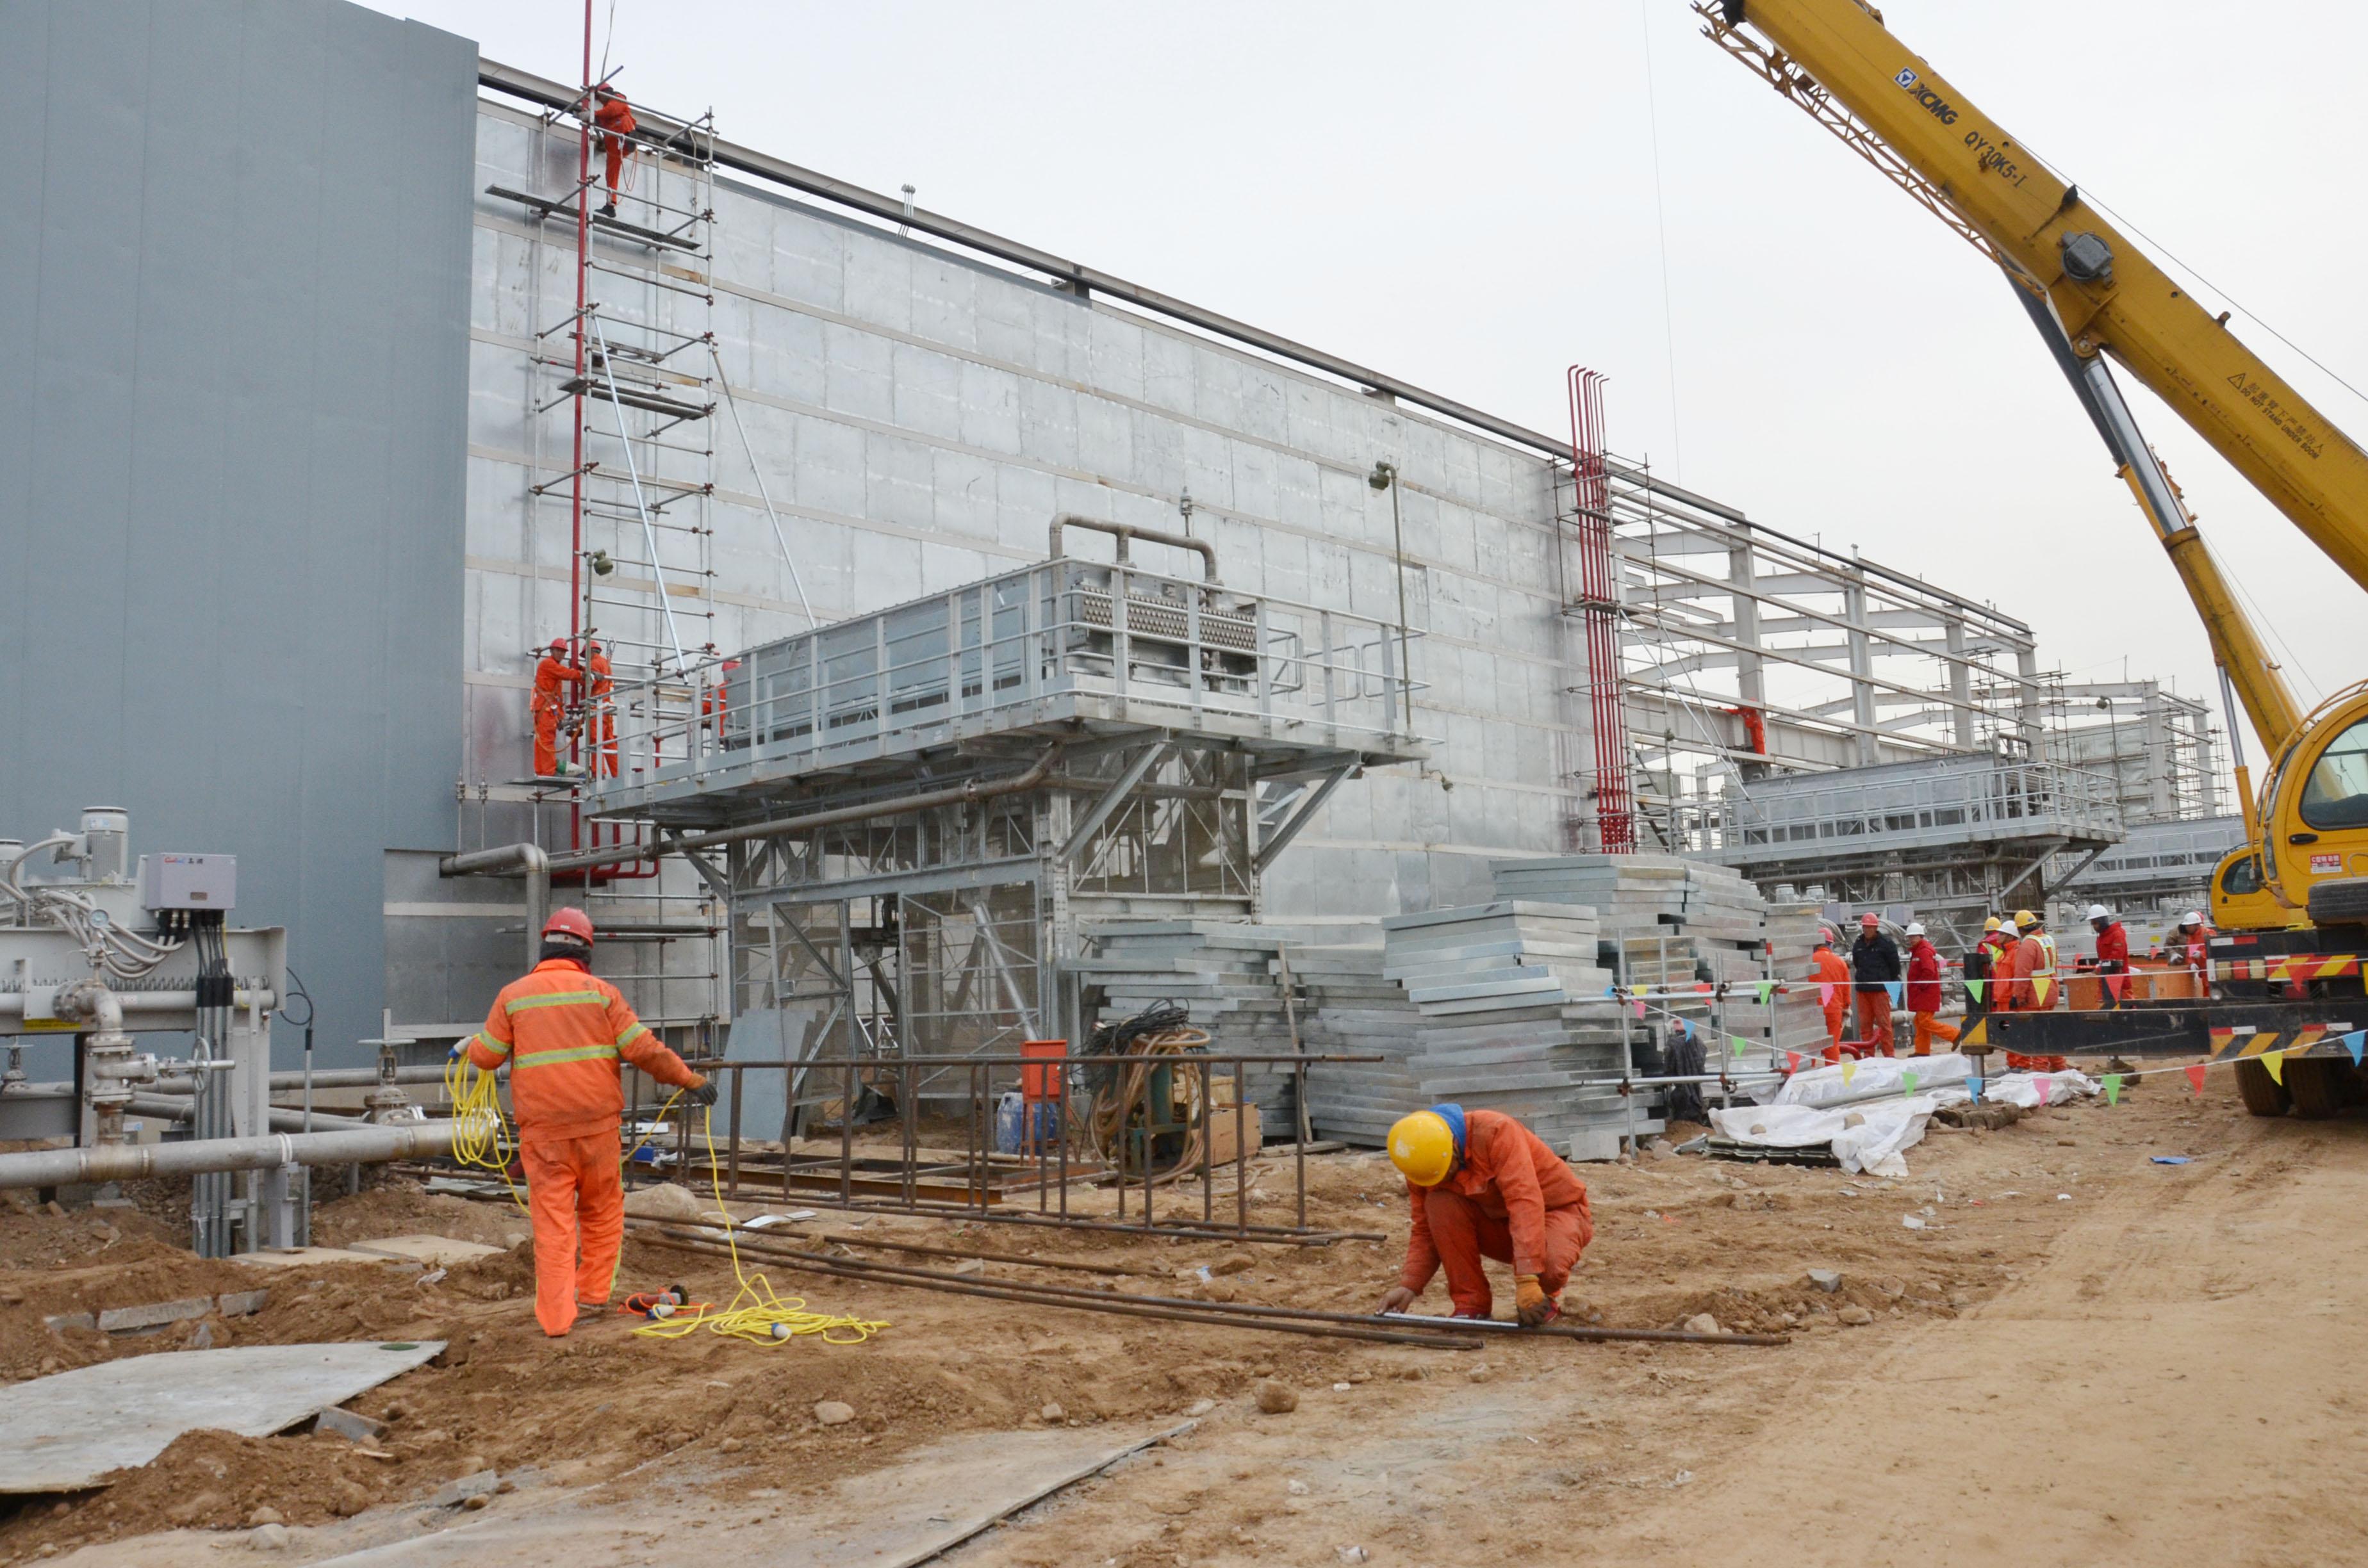 陕京四线新压气站本月投产 将大幅改善北京供气格局